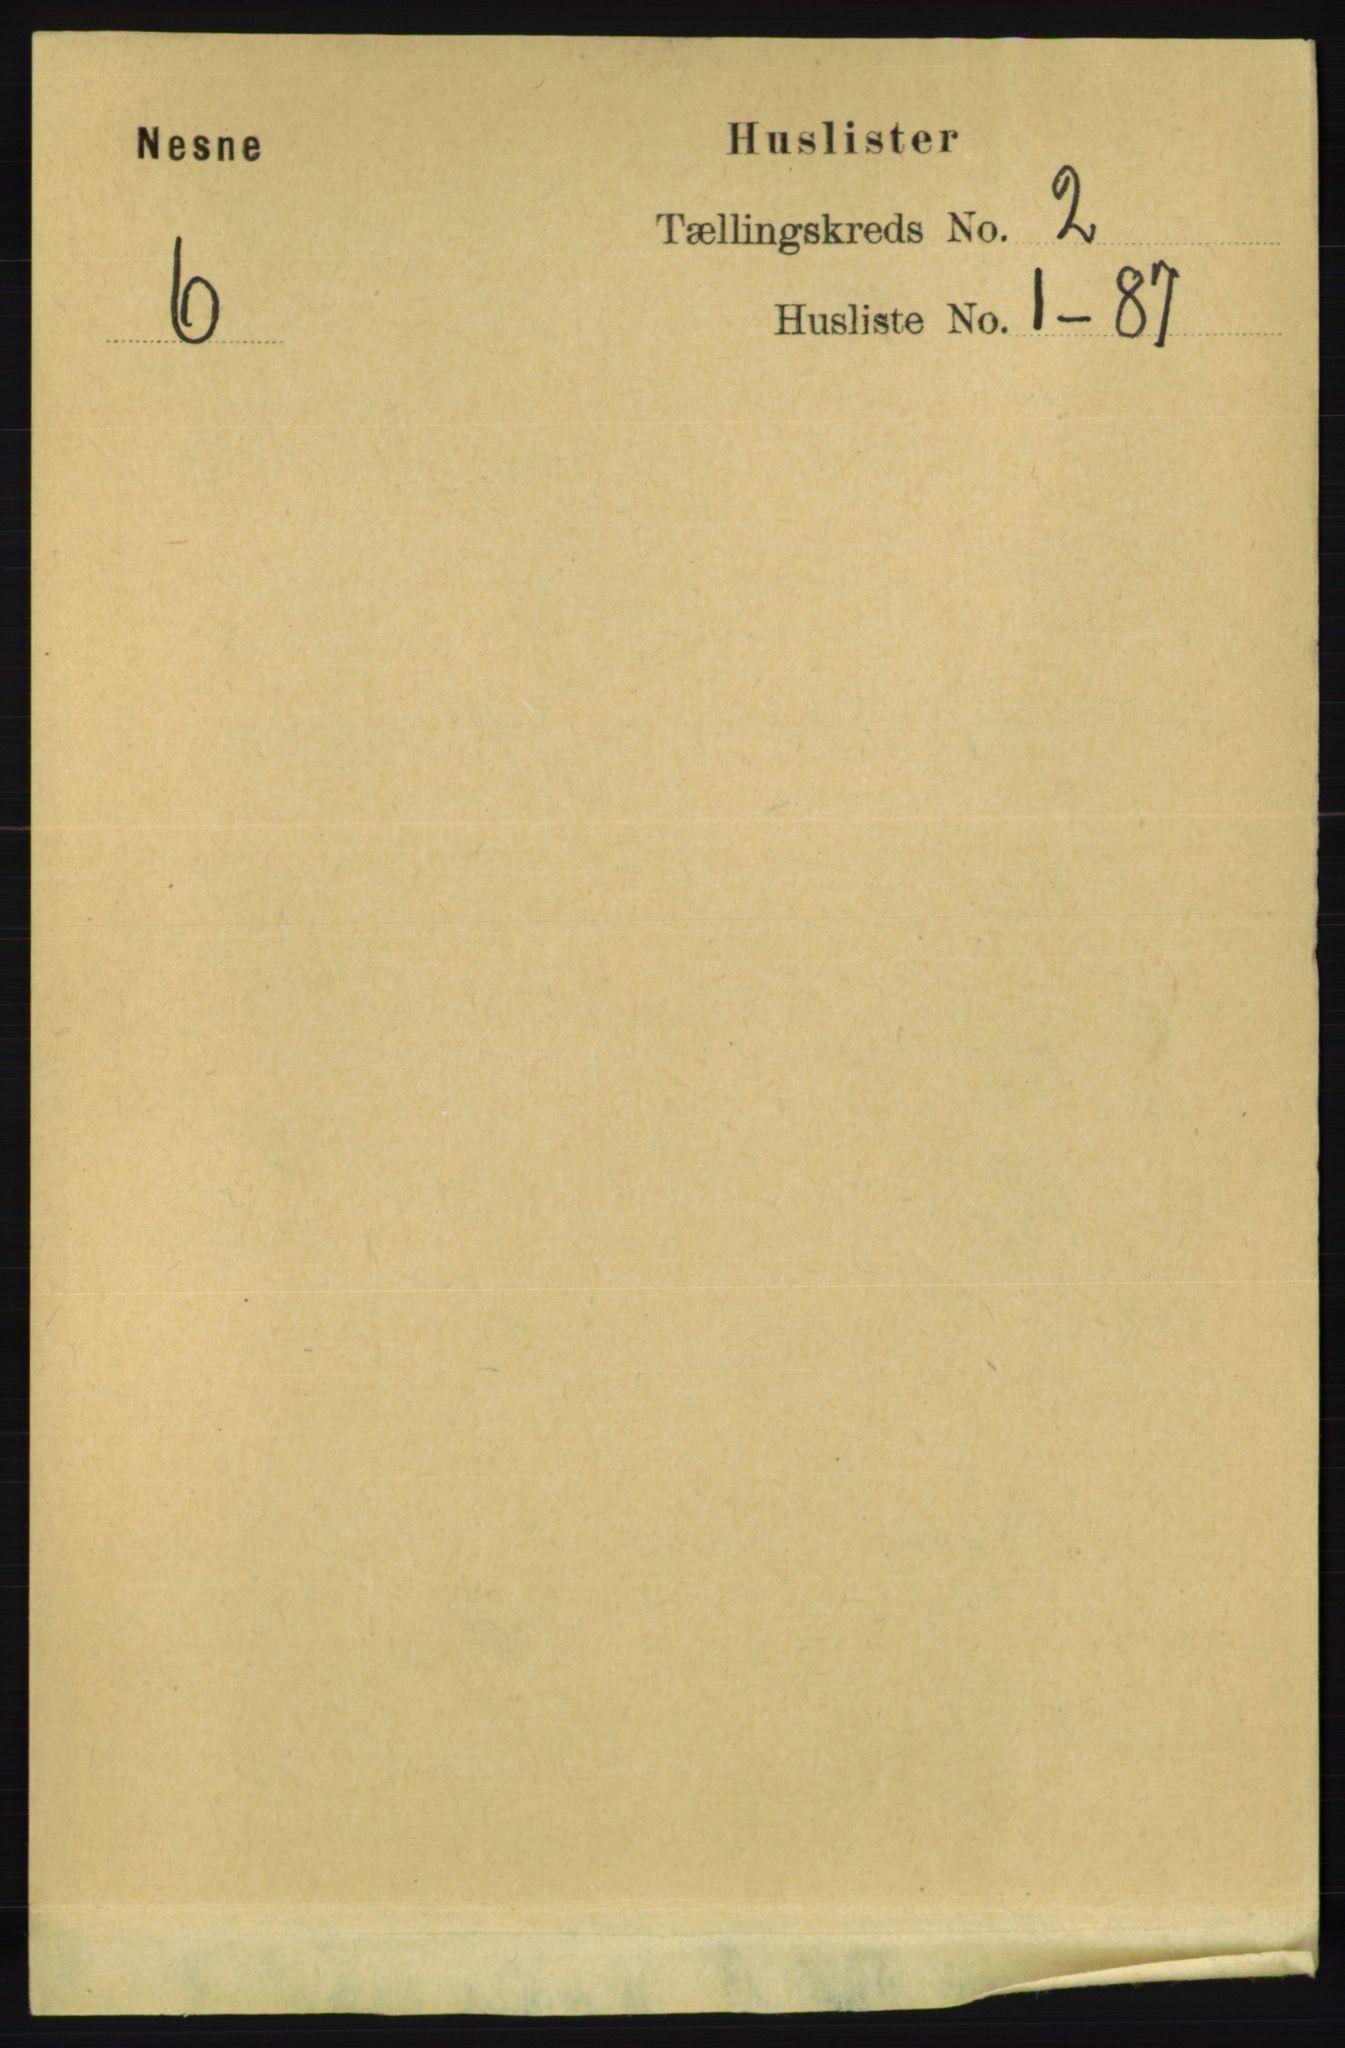 RA, Folketelling 1891 for 1828 Nesna herred, 1891, s. 742